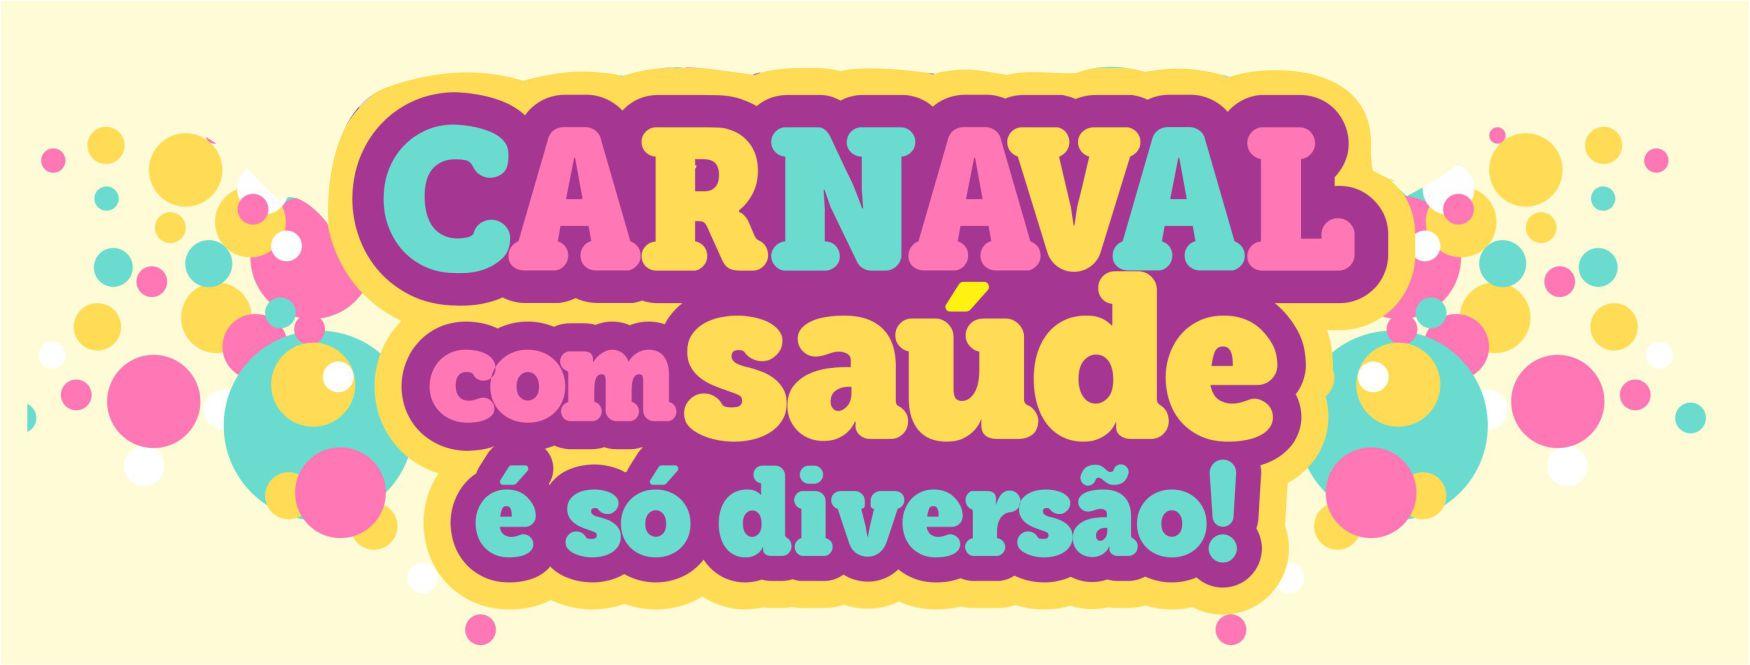 Carnaval: divers�o com sa�de